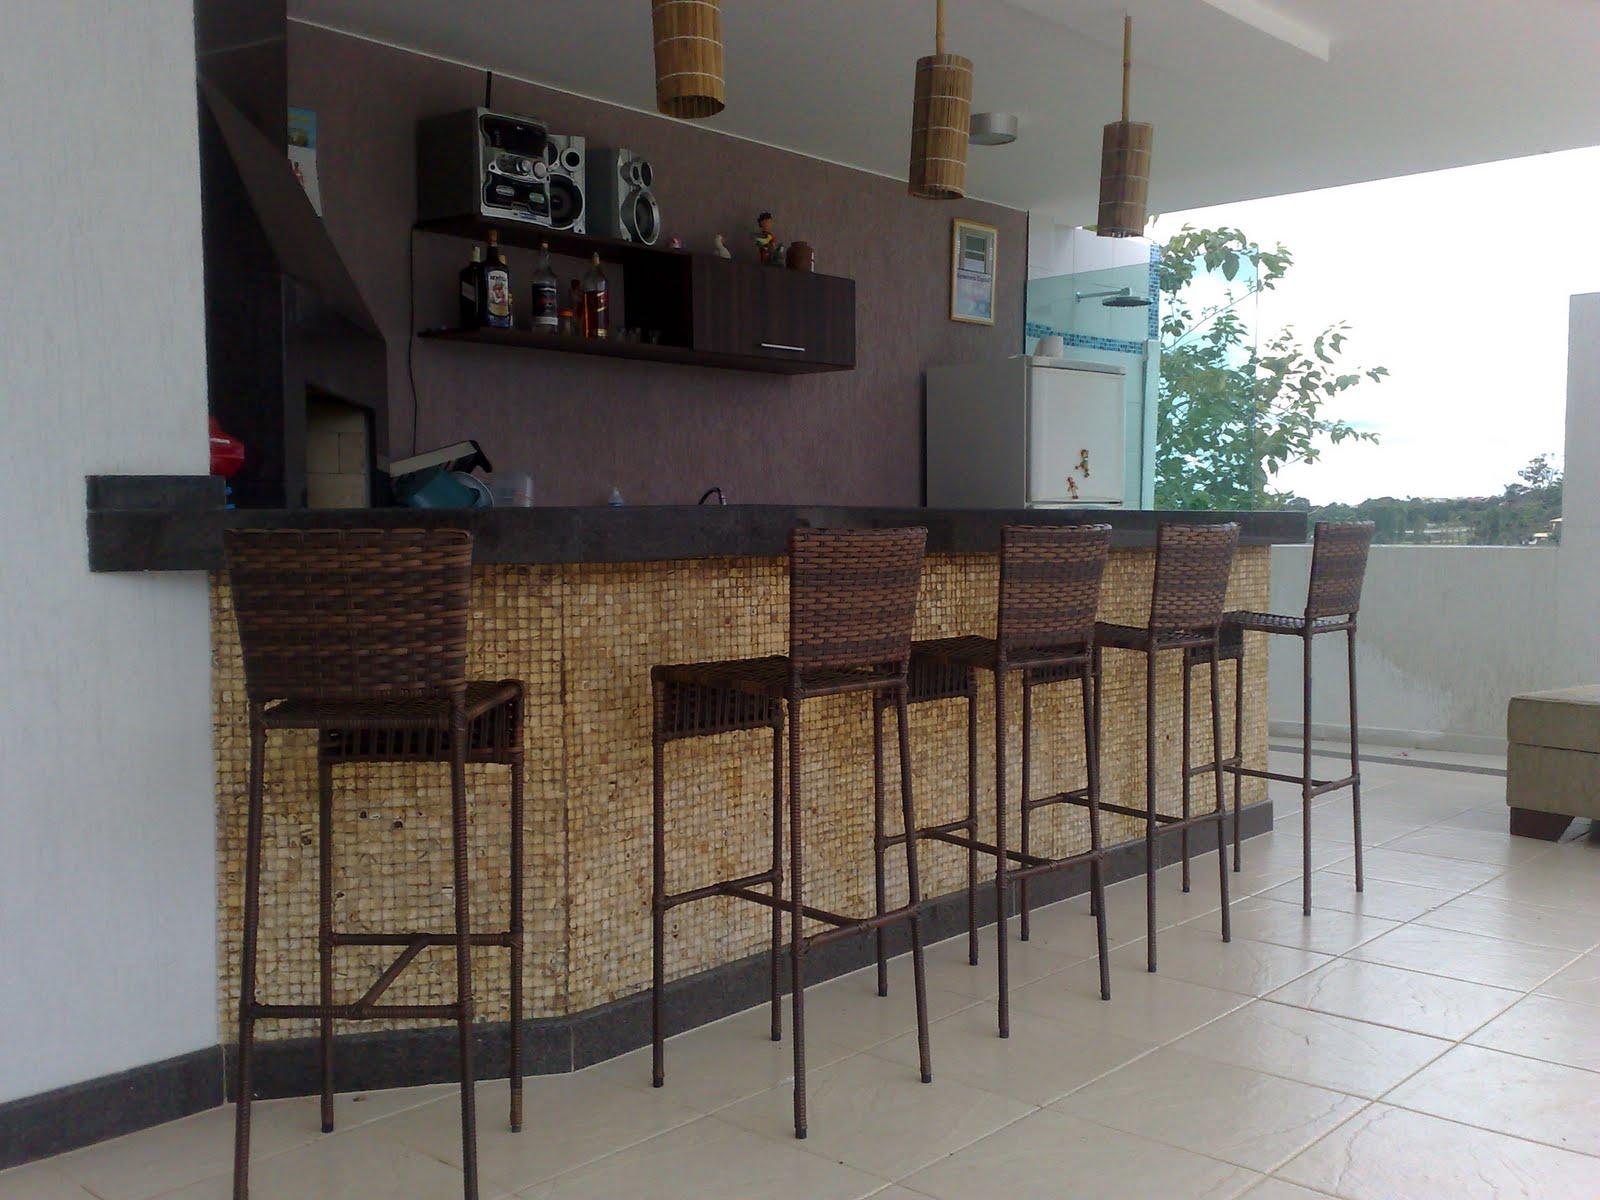 bancada cozinha americana larguraIdéias de decoração para casa #604C39 1600 1200